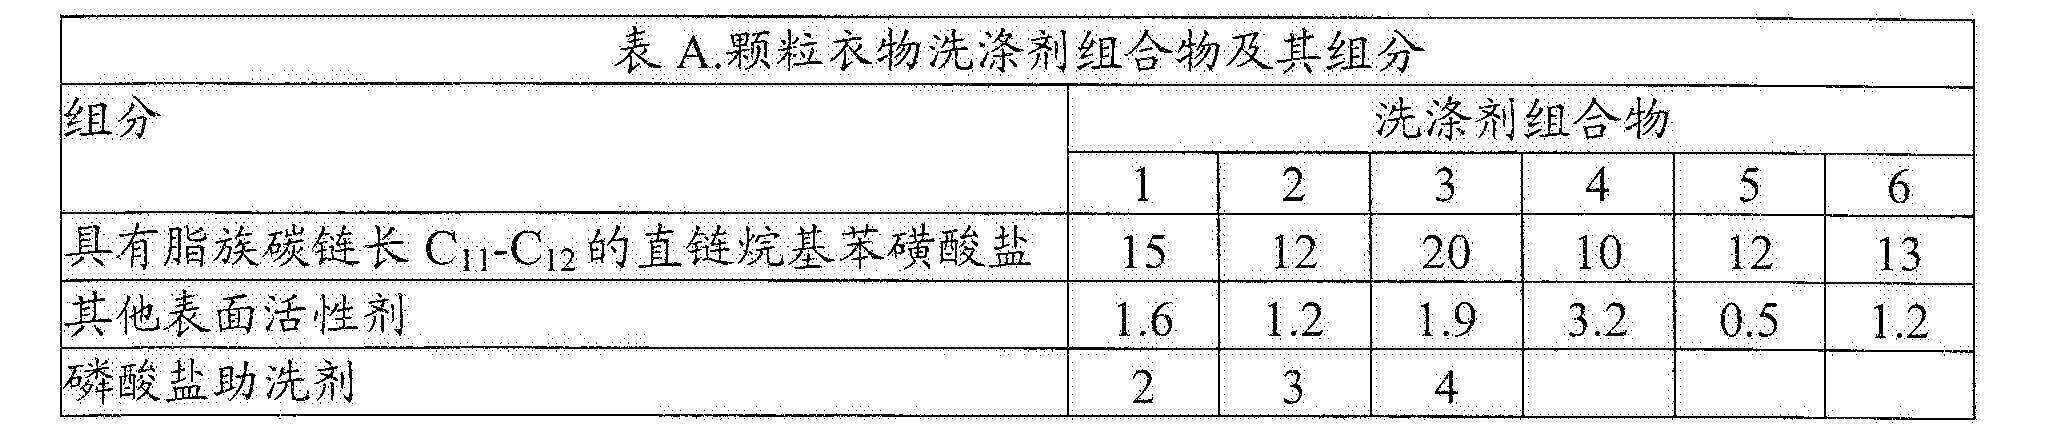 Figure CN103764823BD01692